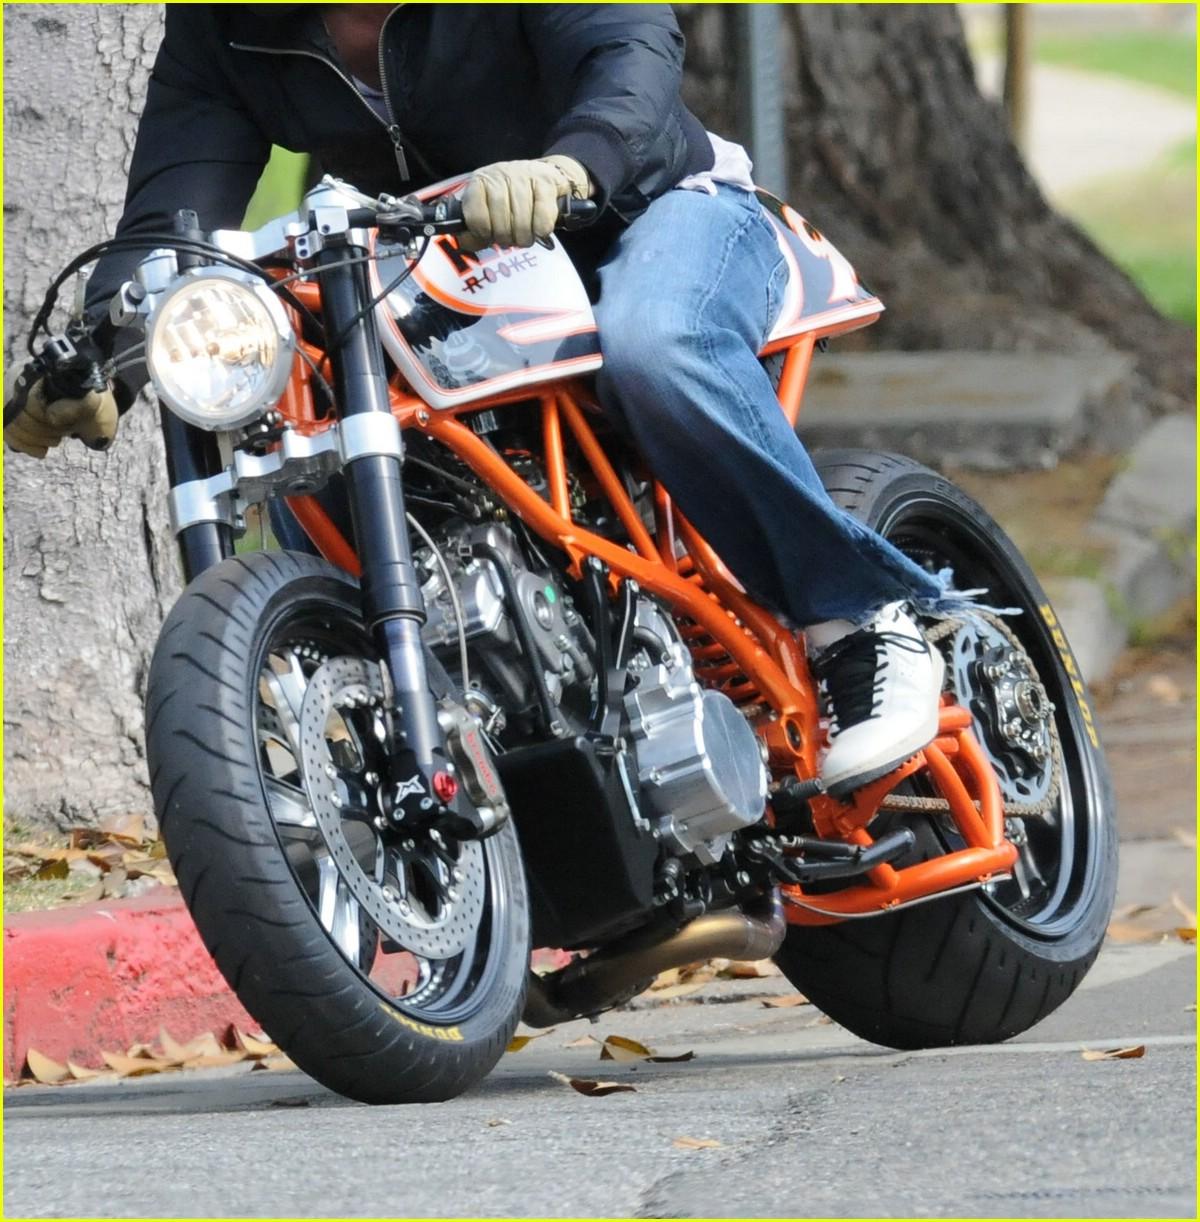 http://2.bp.blogspot.com/_khWMKx04iSc/TJ5iNAKCzCI/AAAAAAAAASA/_Q0O4e_TamQ/s1600/brad-pitt-orange-motorcycle-05.jpg